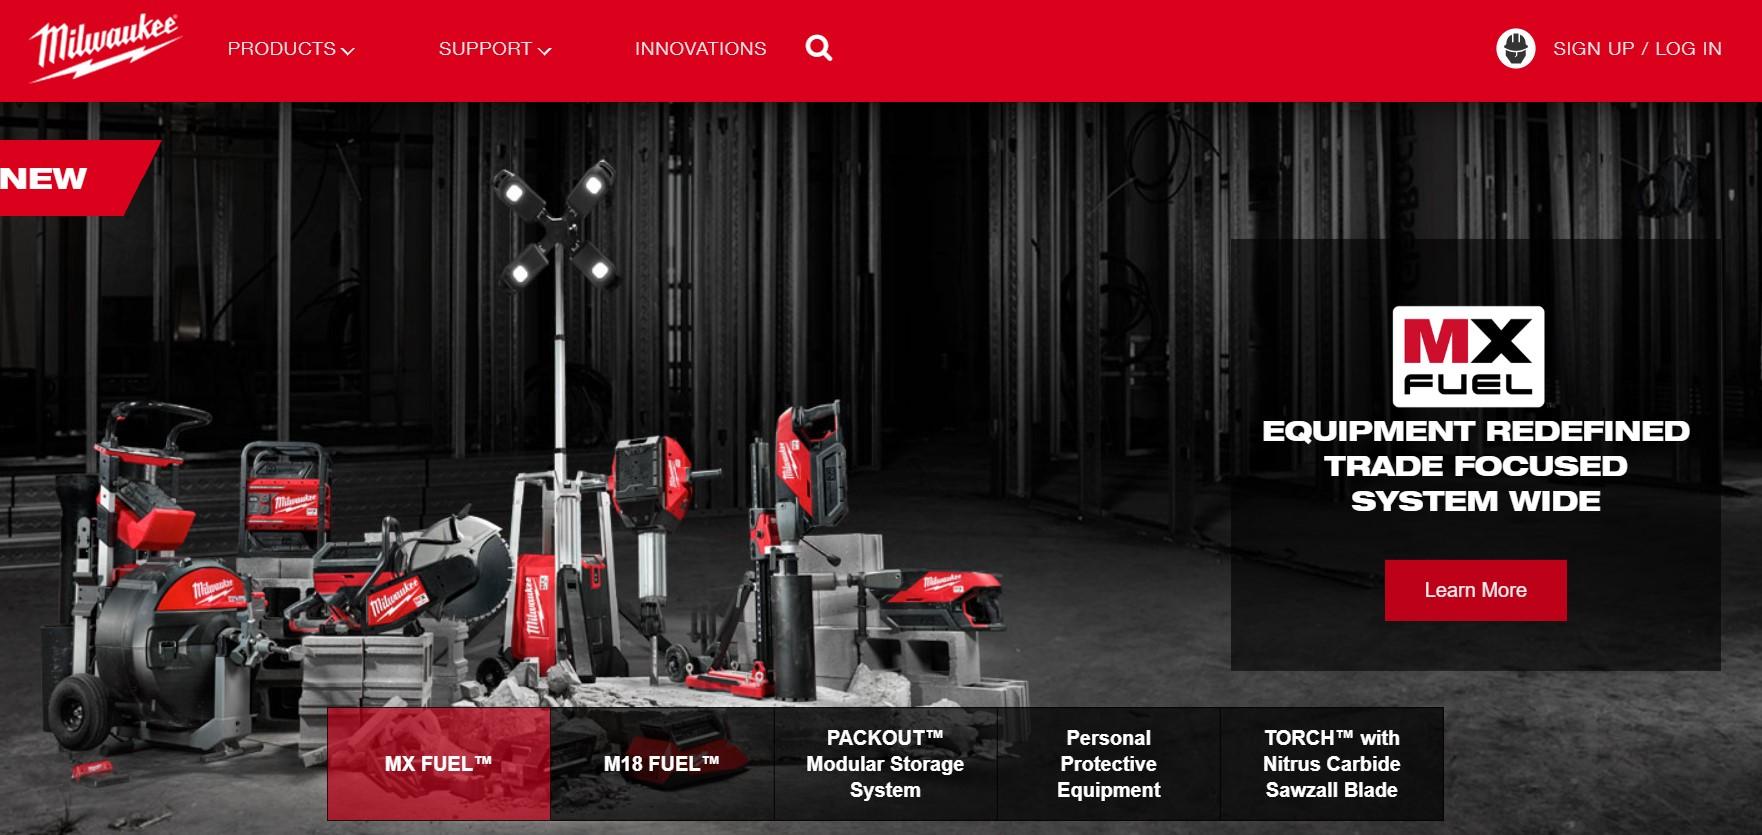 The Milwaukee Tools website